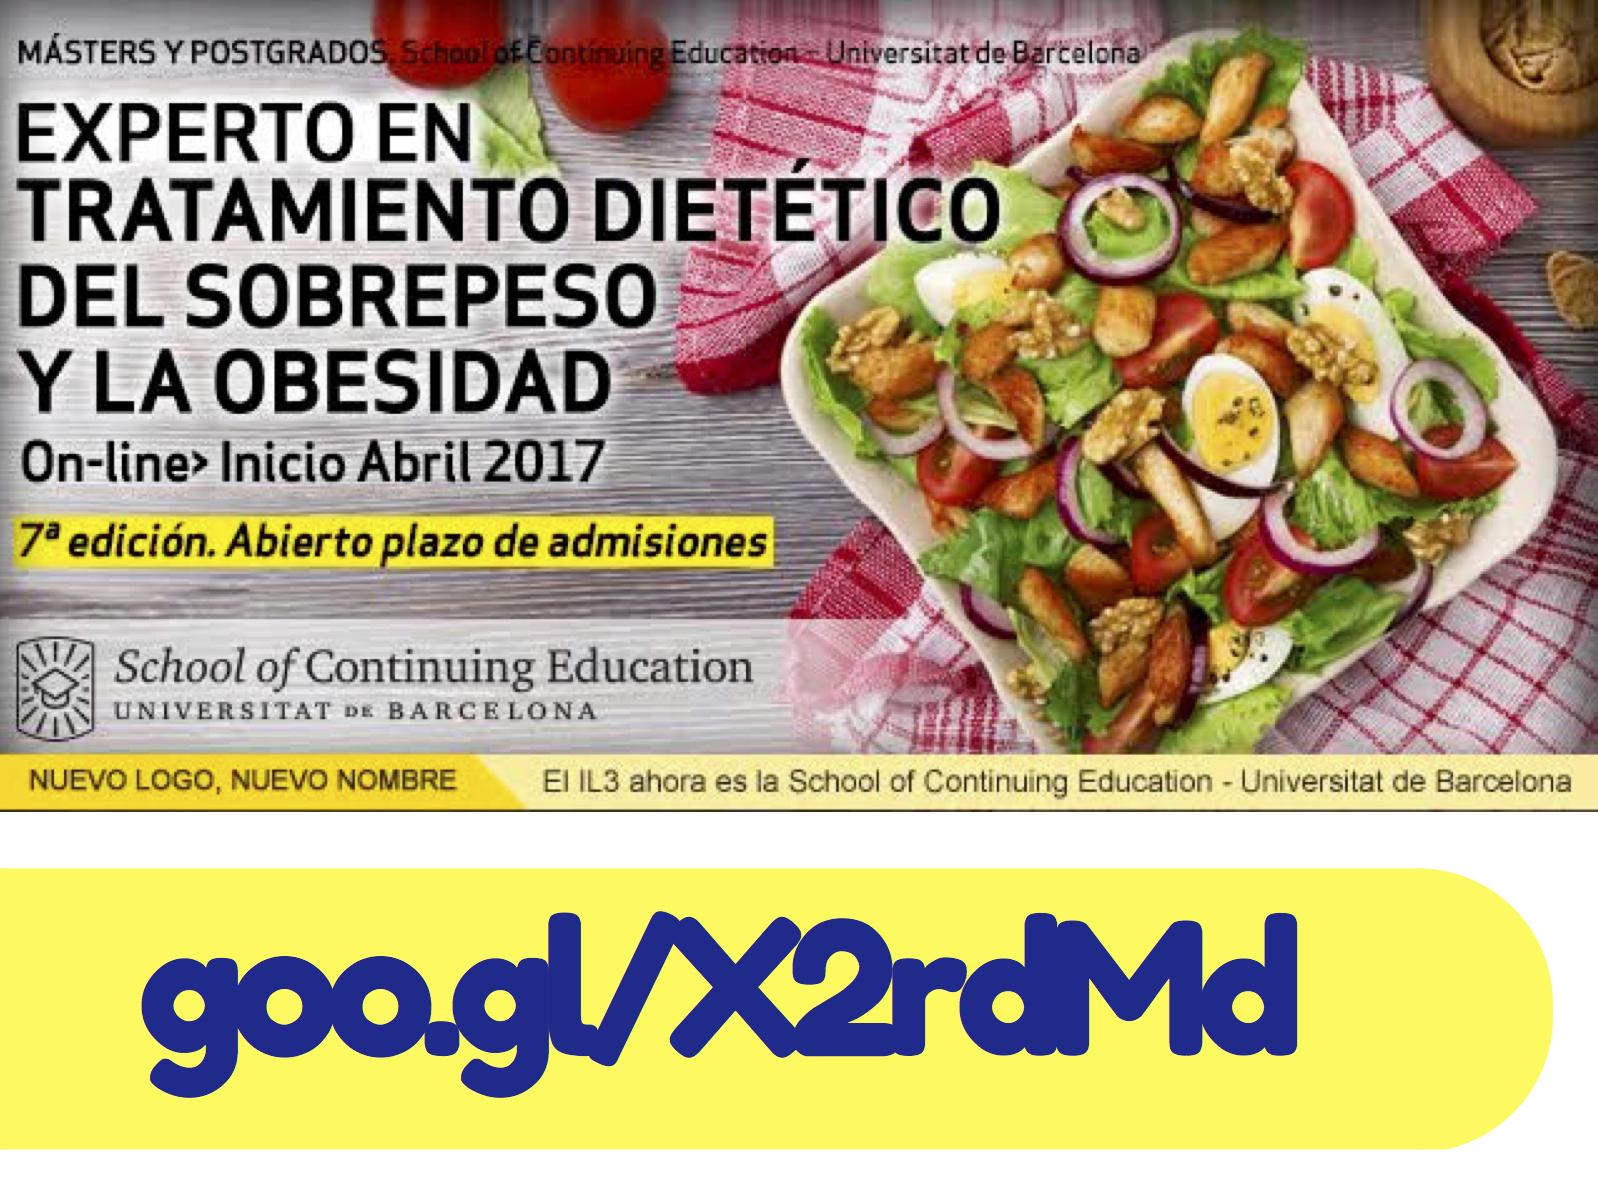 Curso de especialización online: Experto en Tratamiento Dietético del Sobrepeso y la Obesidad (Universidad de Barcelona)